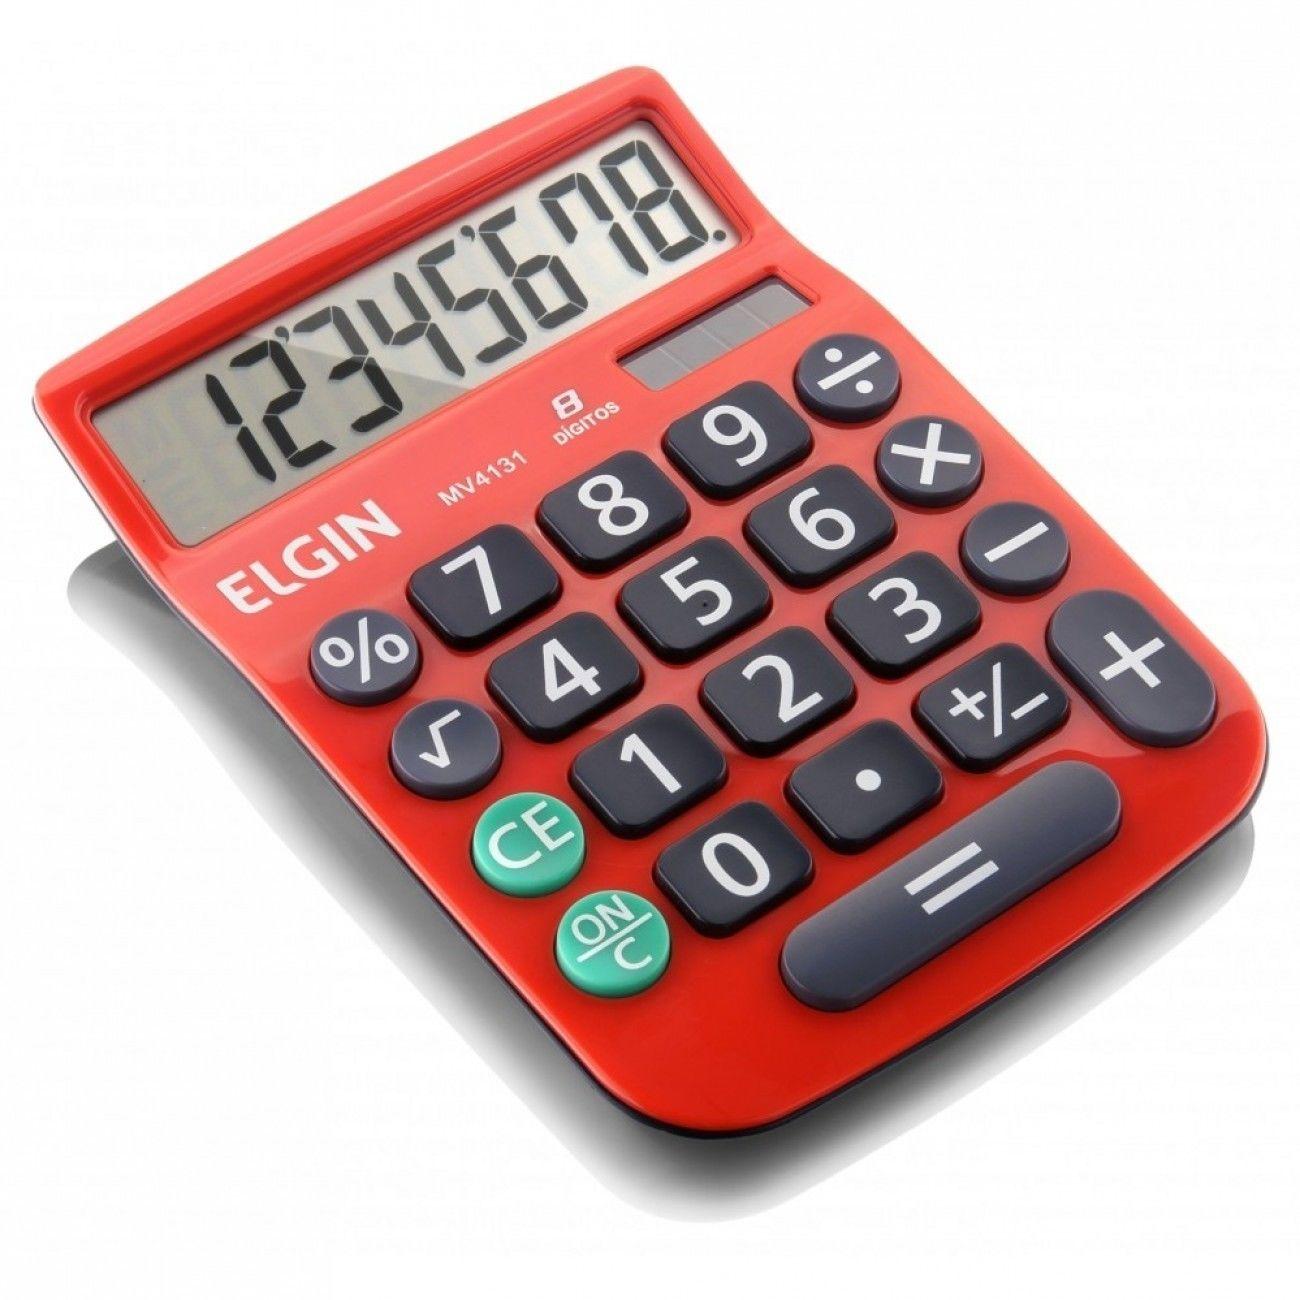 Calculadora de mesa elgin 8 d gitos mv4131 vermelha mv4131 for Calculadora de redes